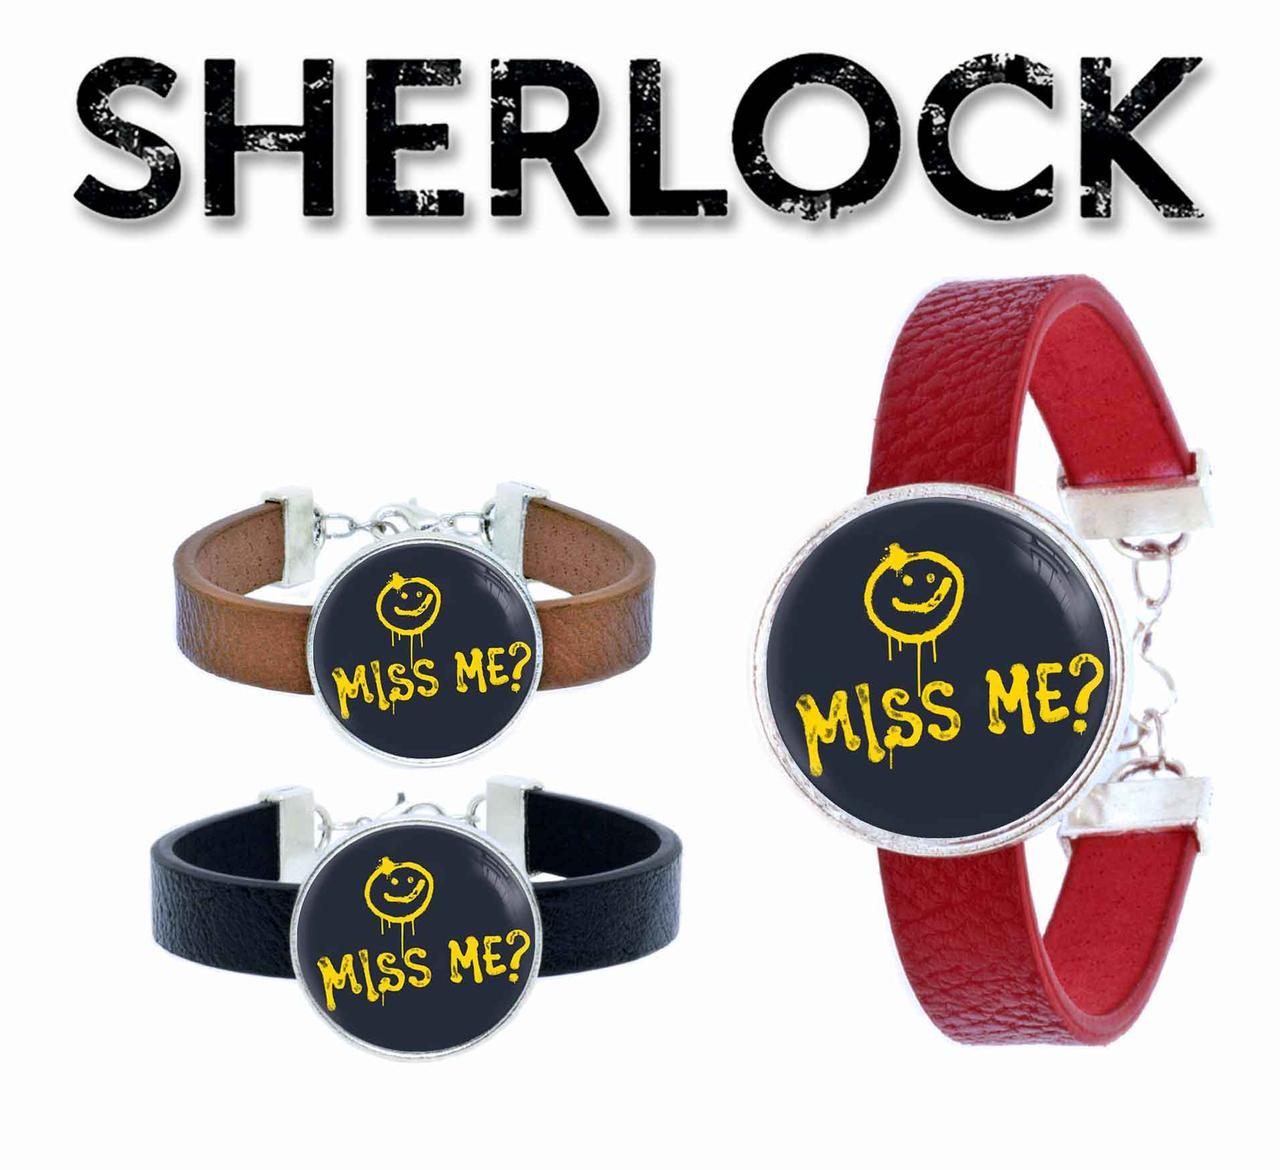 Браслет miss me? Шерлок / Sherlock